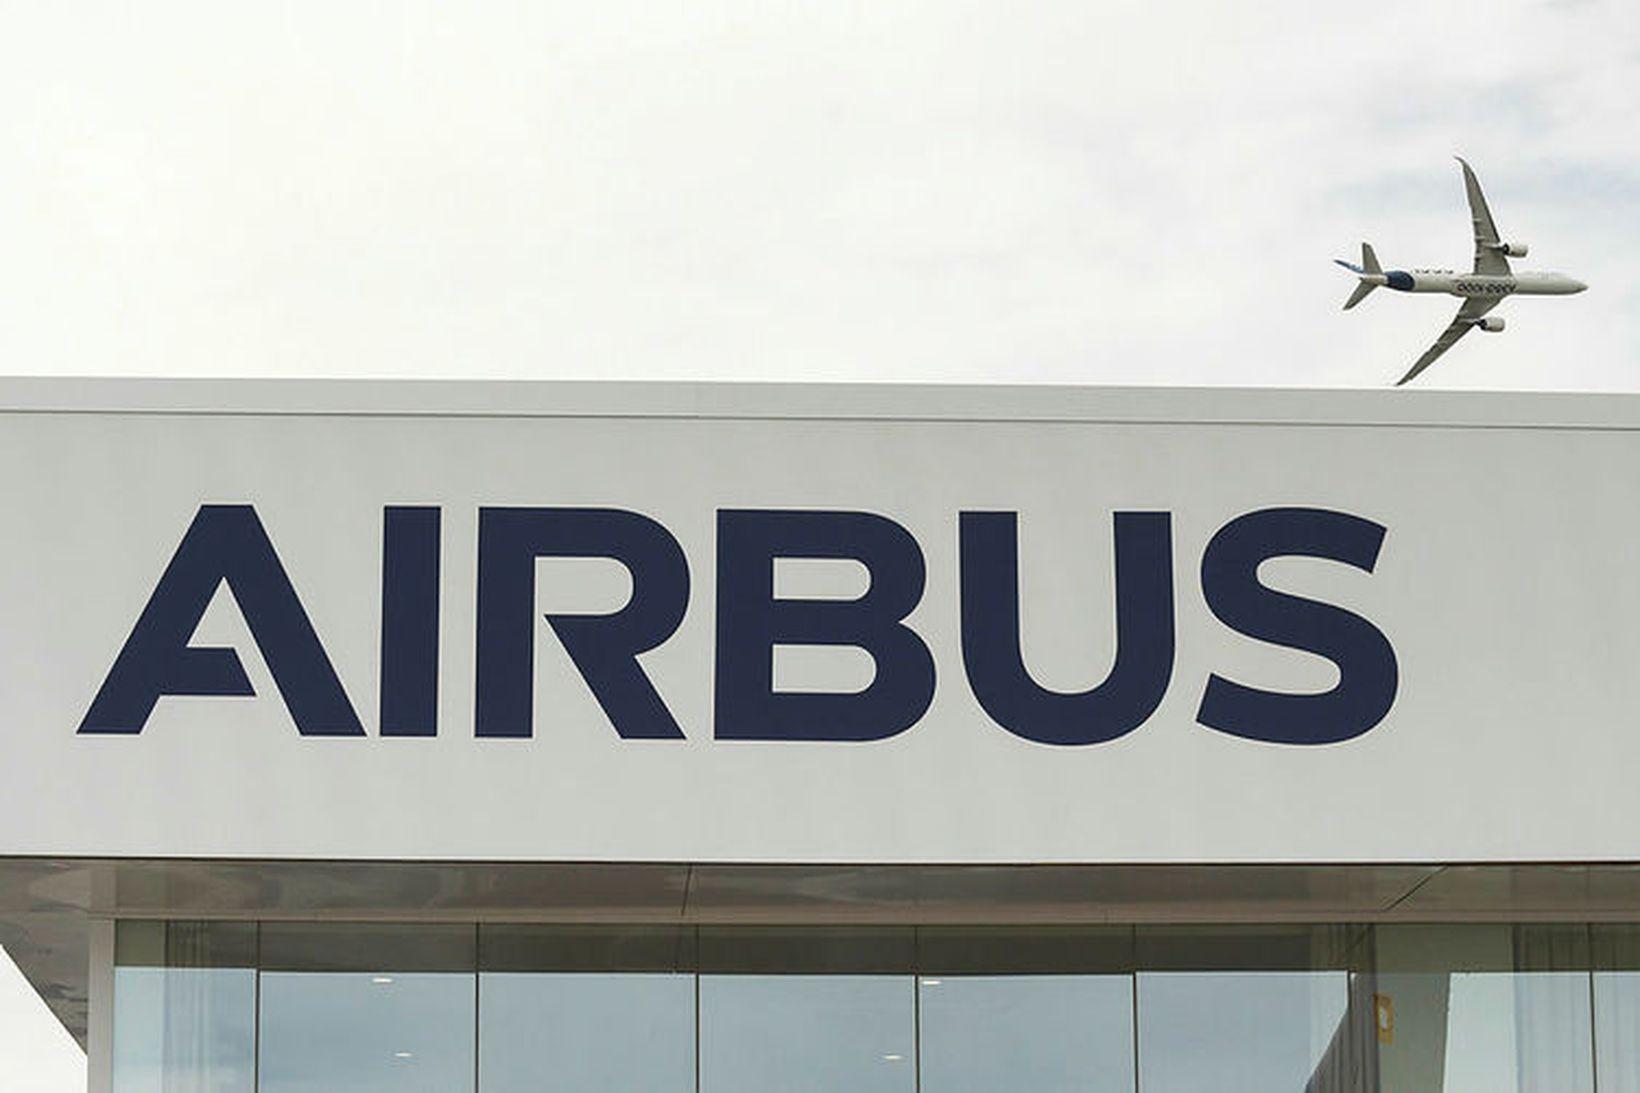 Flugvélaframleiðandinn Airbus sagði upp 16 starfsmönnum vegna meintra njósna sem …